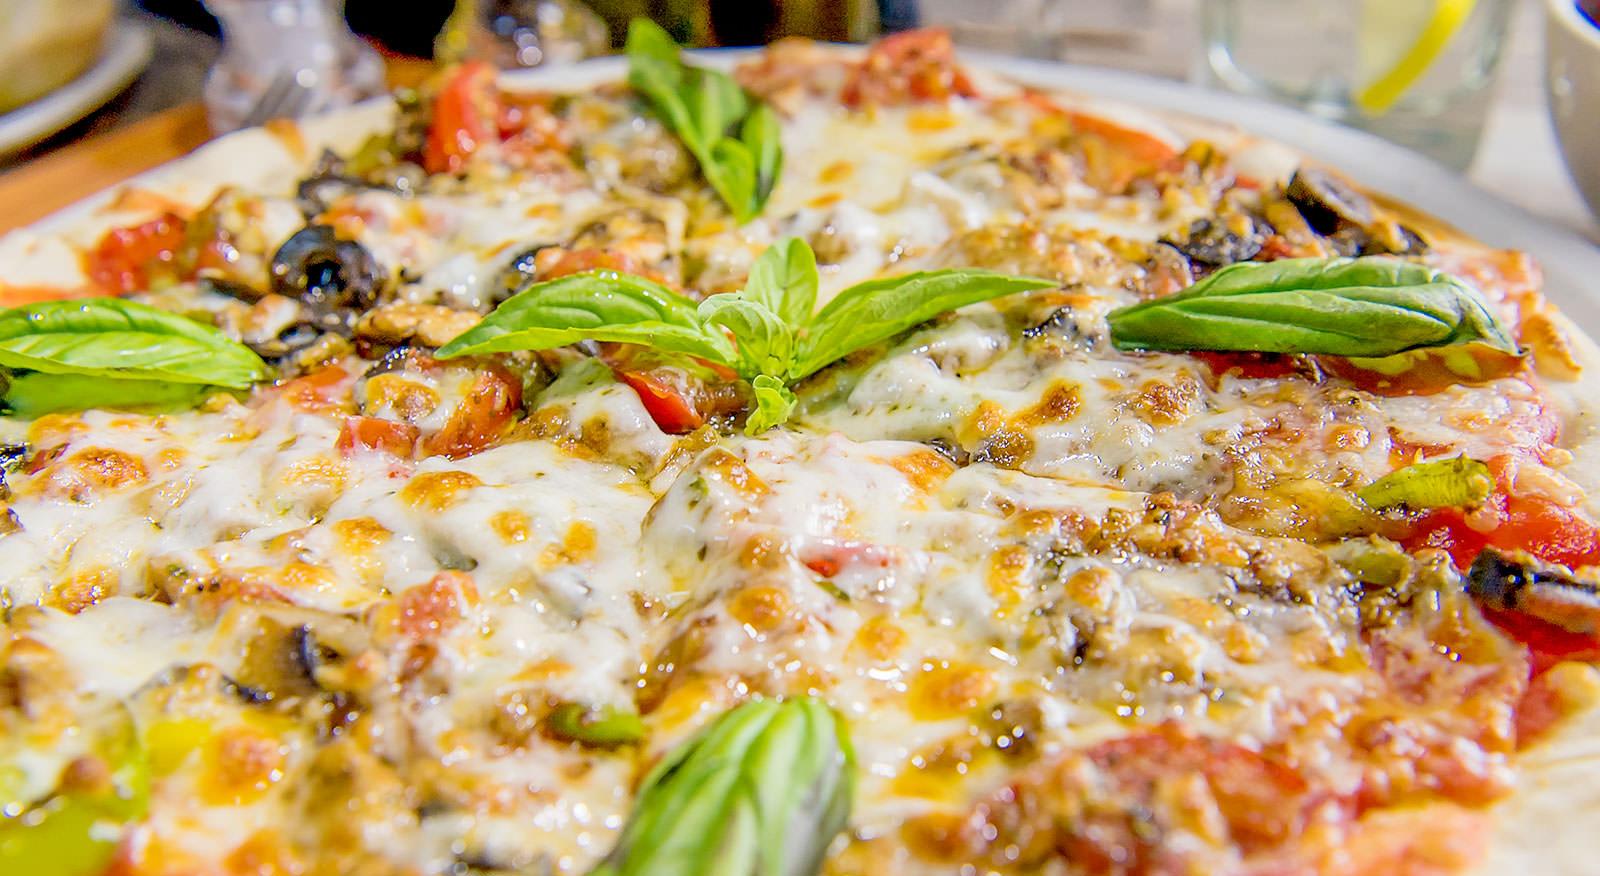 Pirate's Pizza